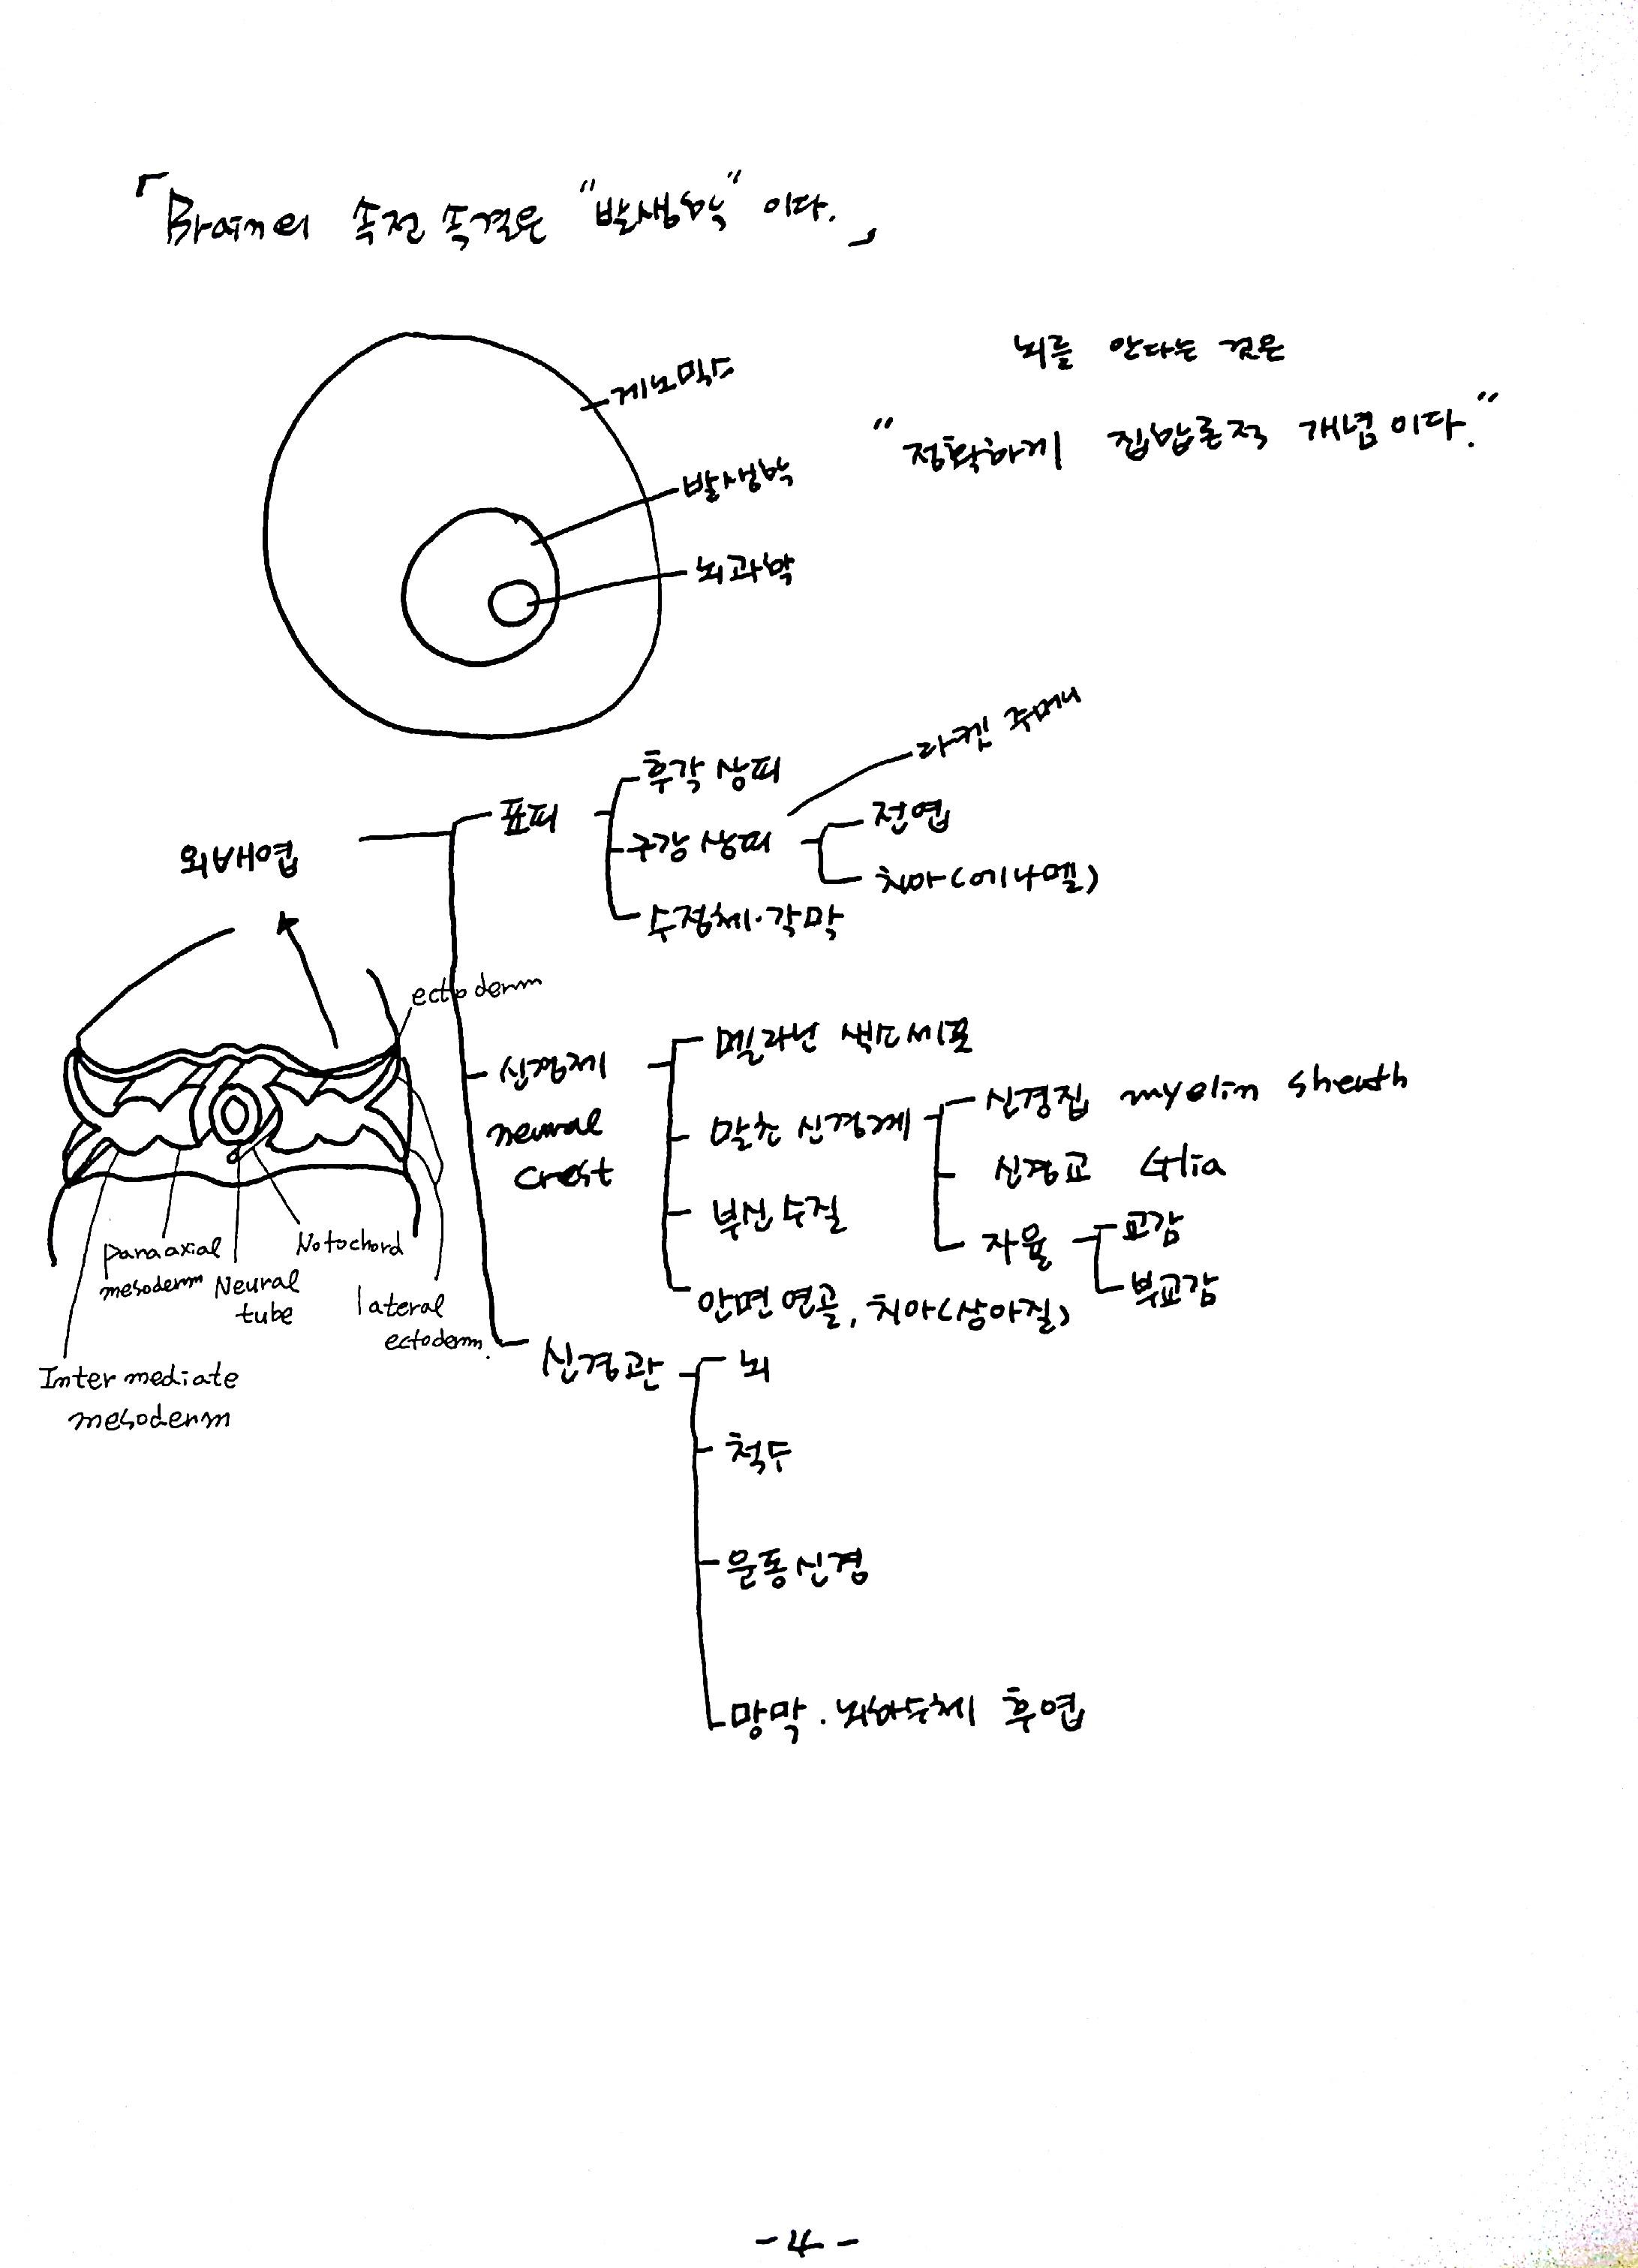 2012-09-09_22-10-14_609.jpg